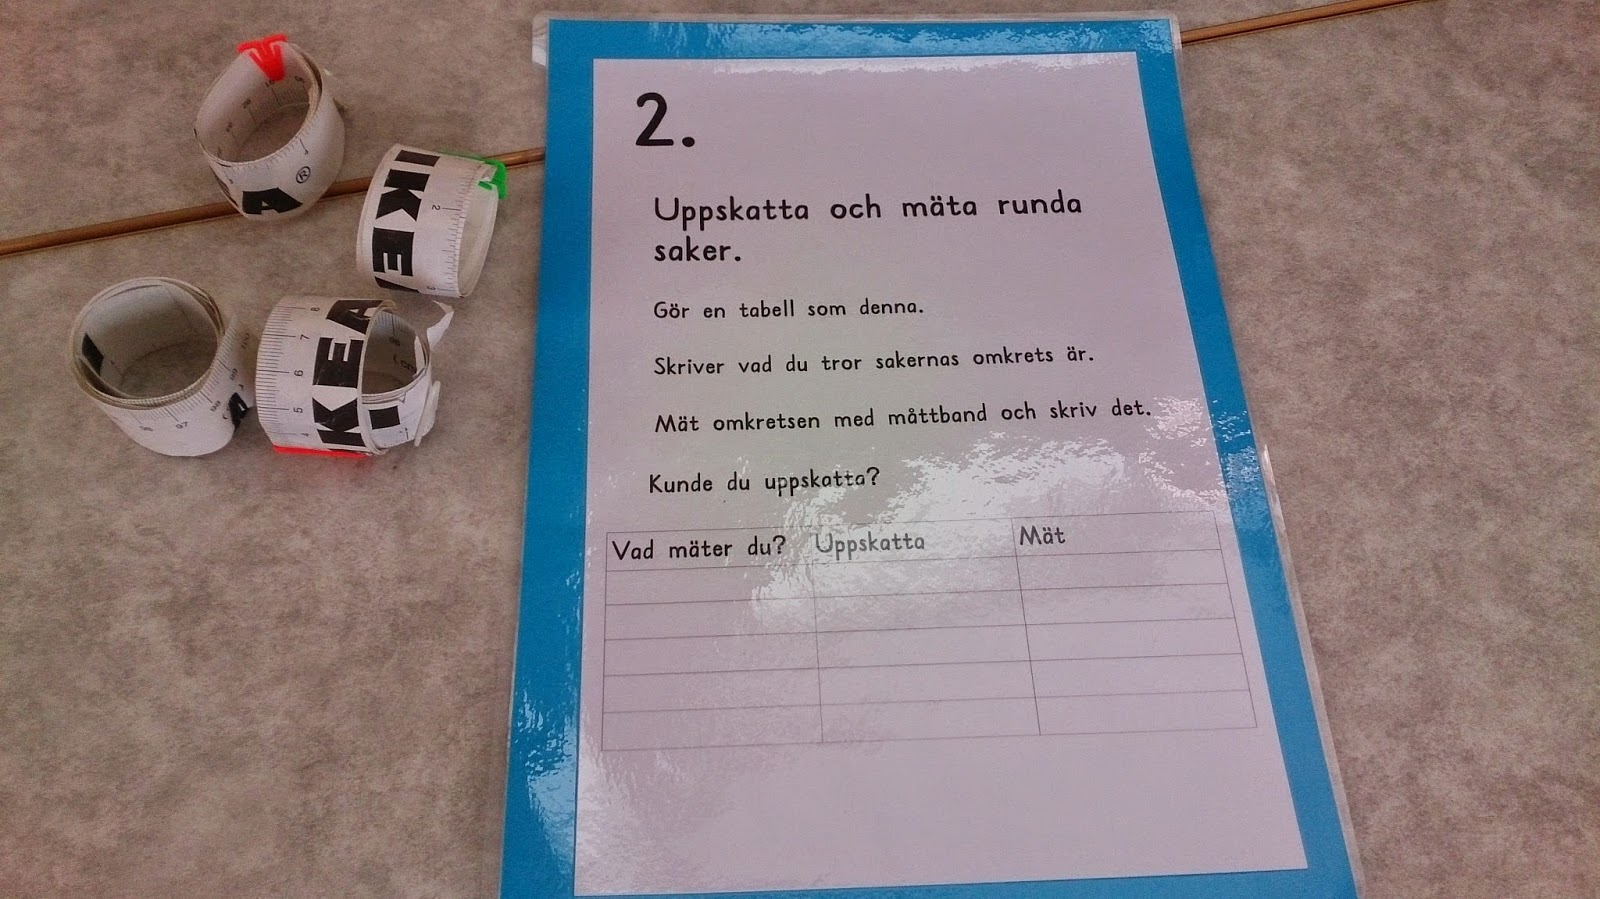 Inredning mät runda : Klassrumsglimtar : Vecka 19